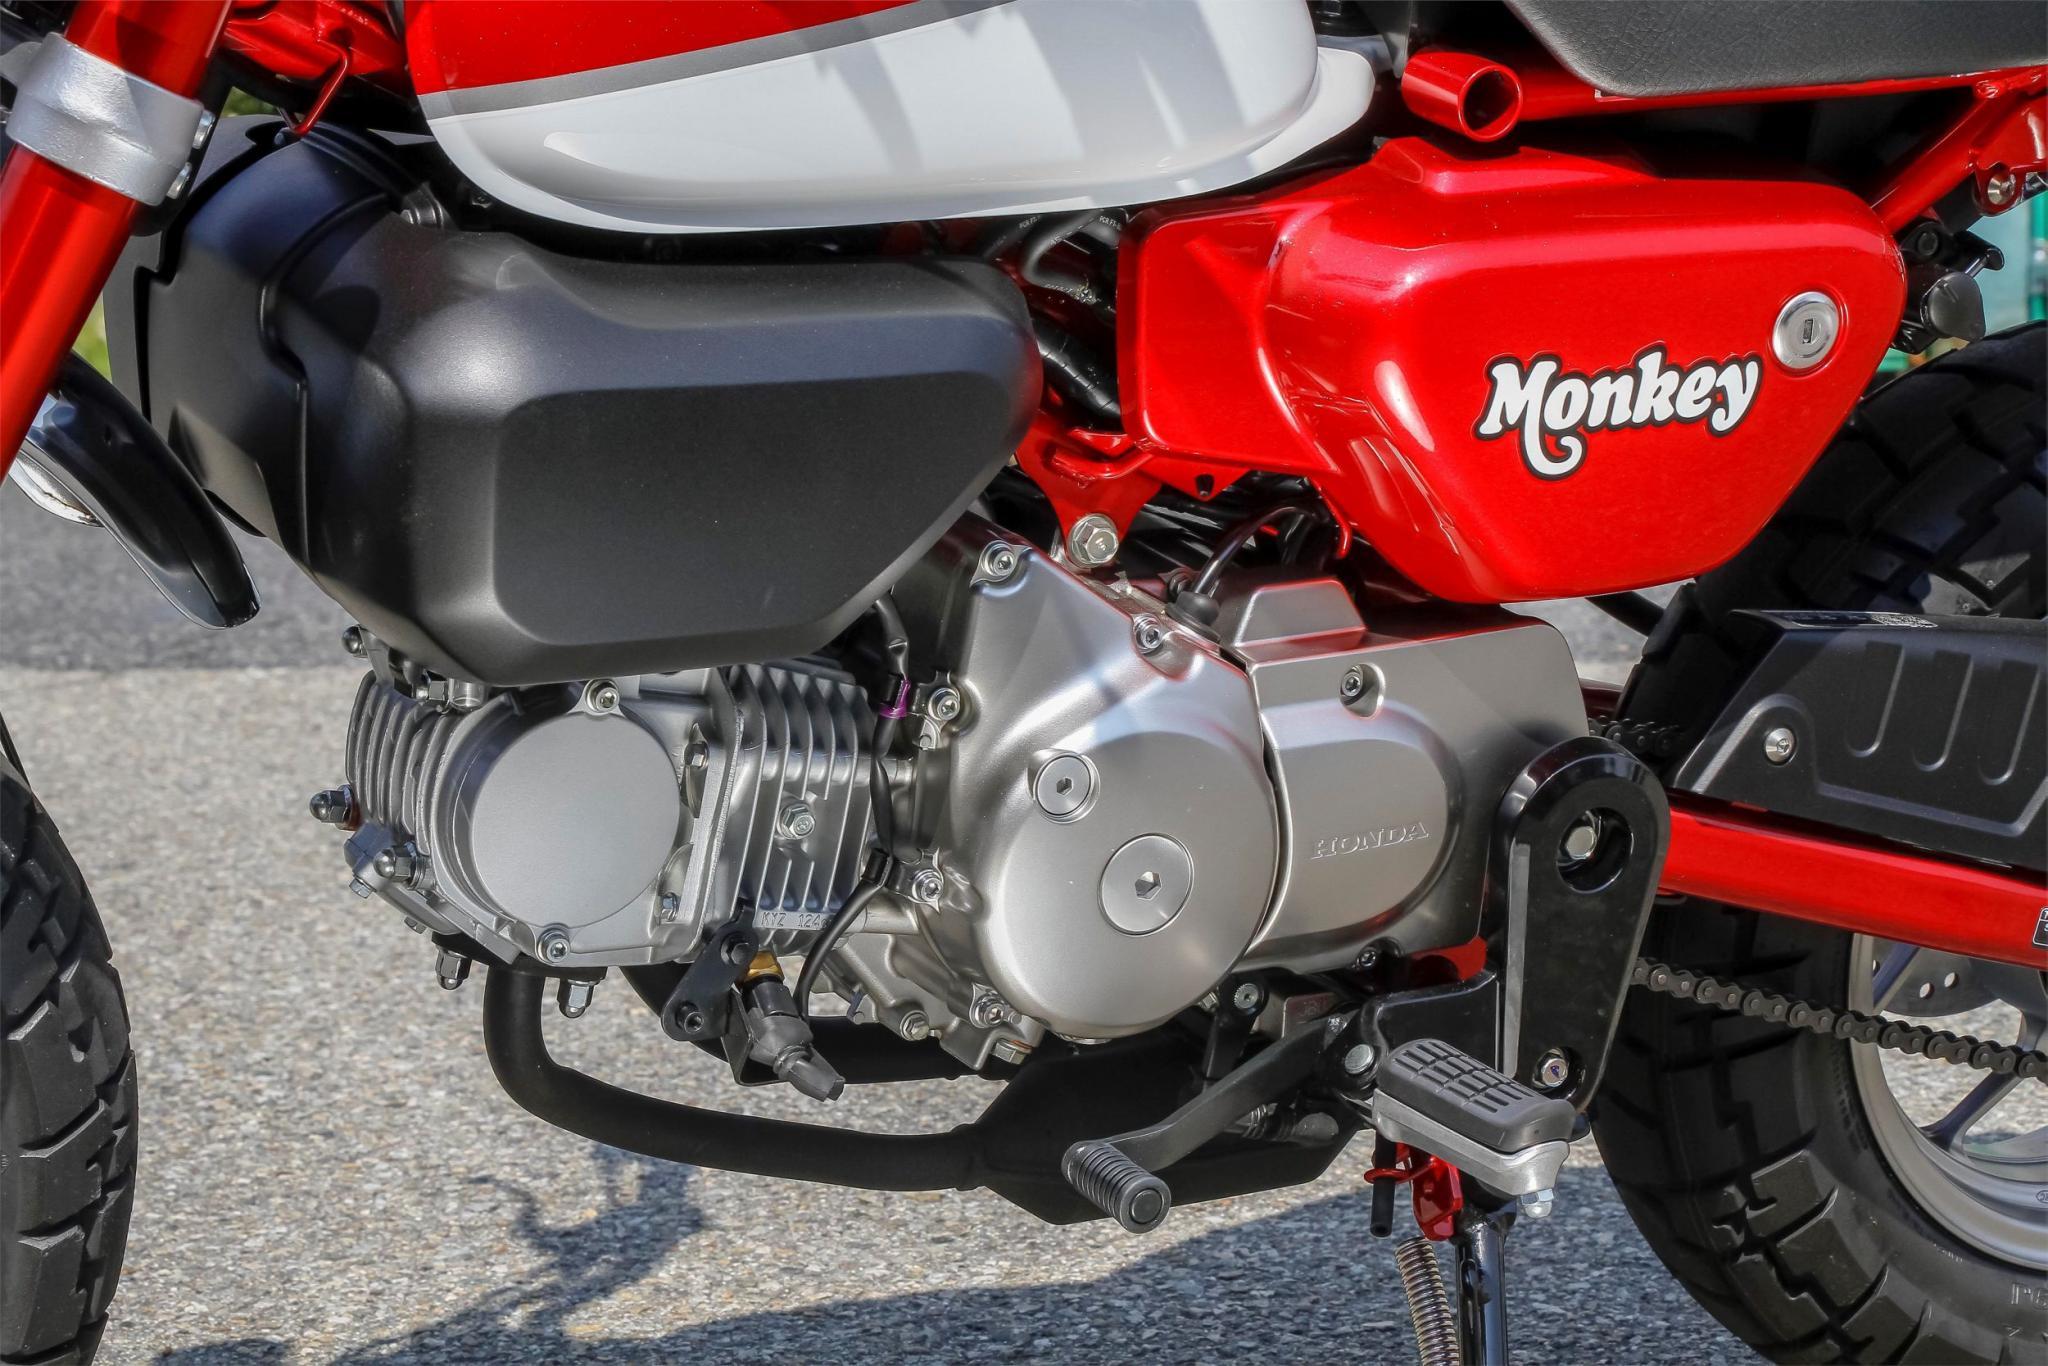 Honda monkey 2019 test erfahrungen mit dem funbike testbericht